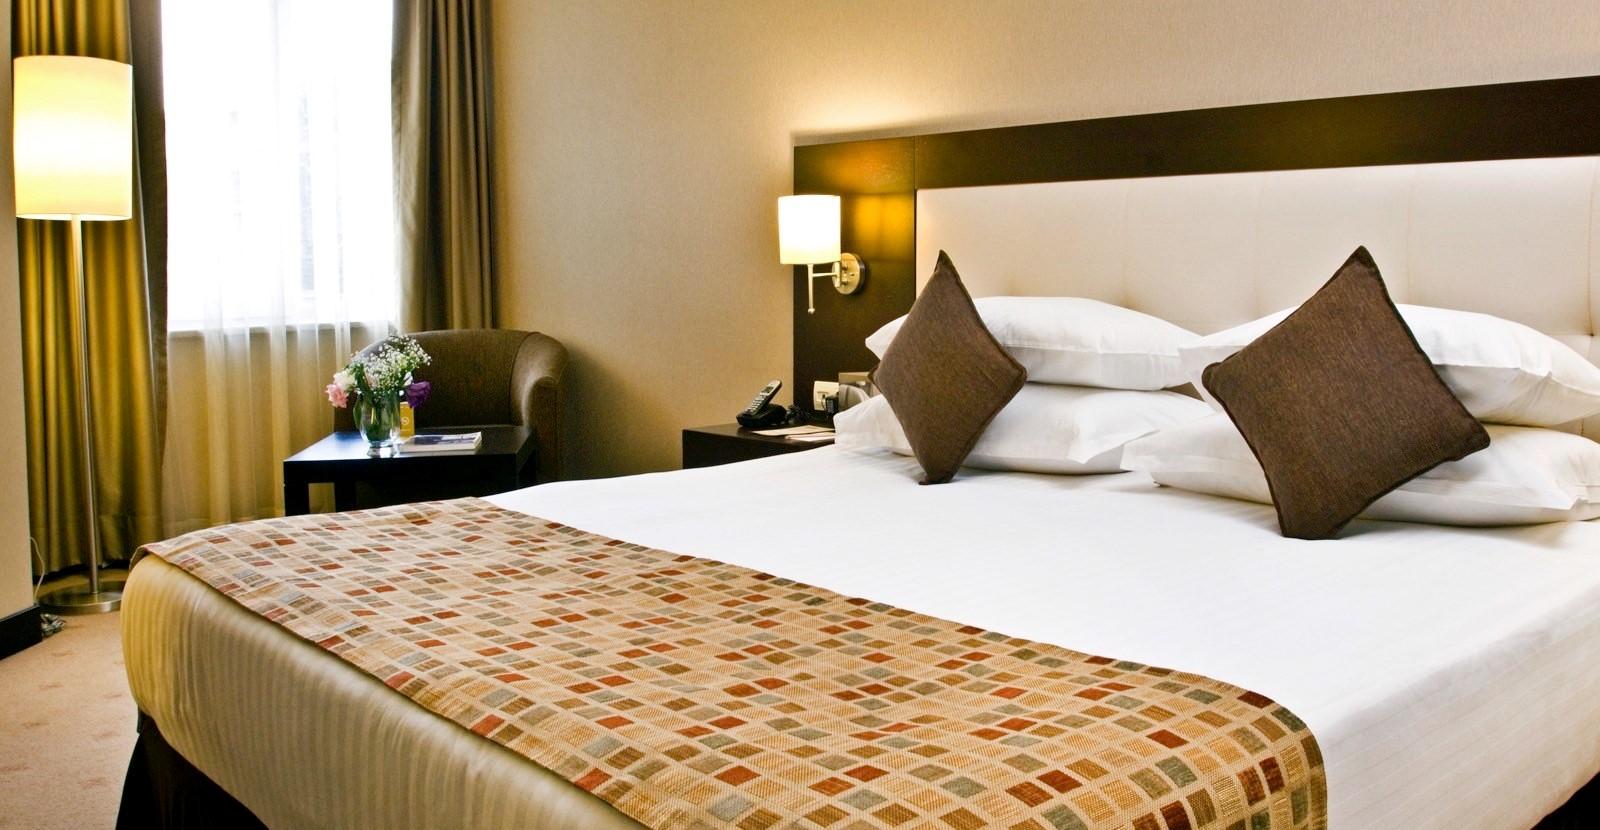 فنادق 3 نجوم إسطنبول